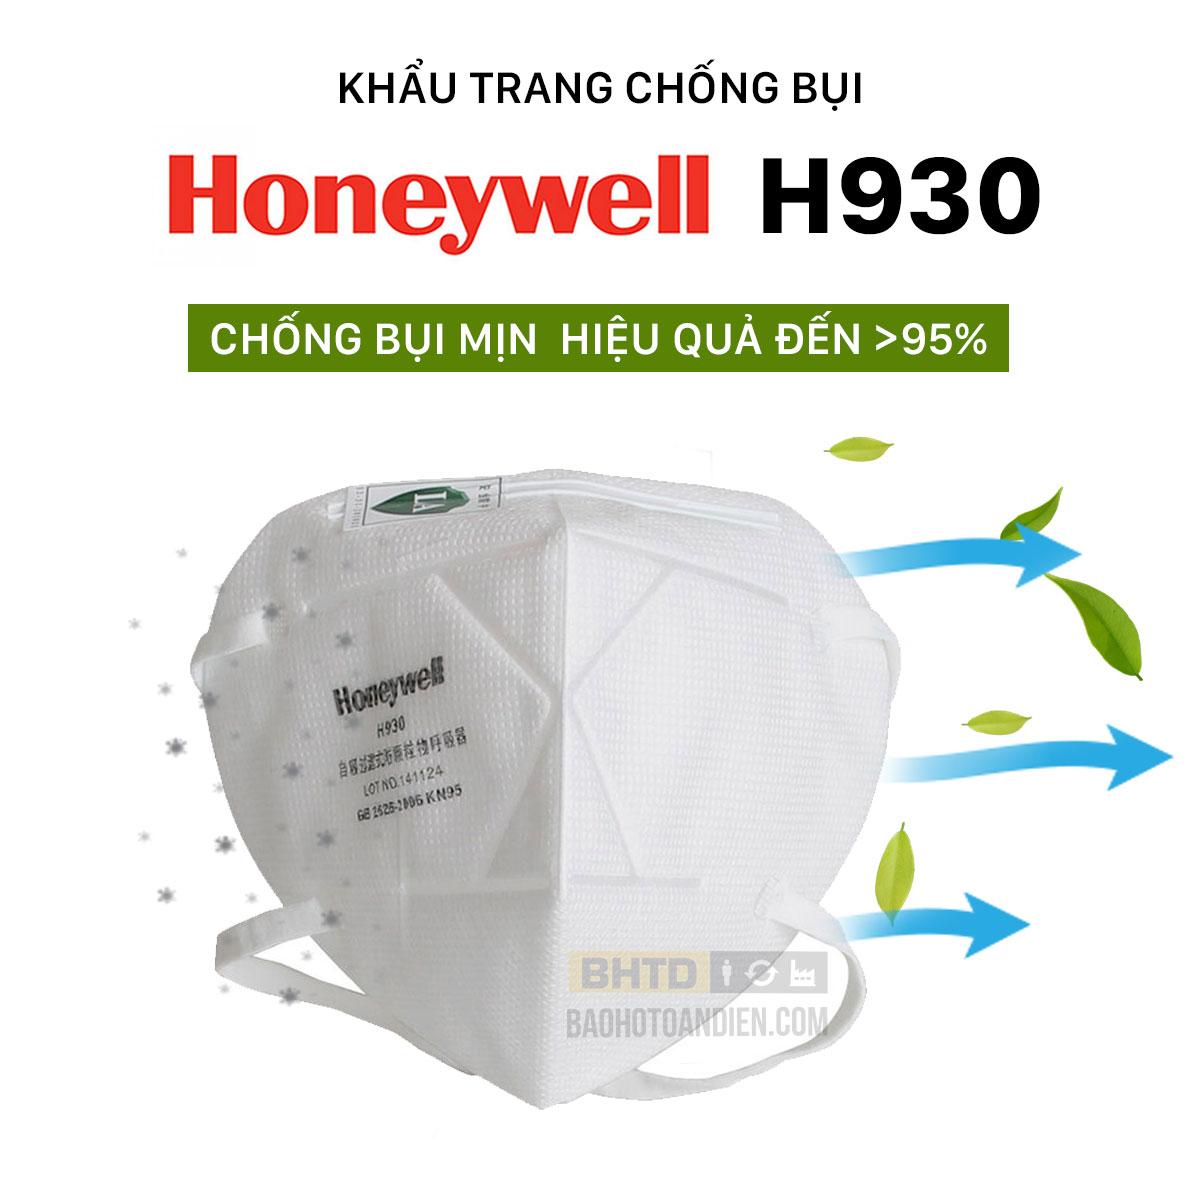 Khẩu trang chống bụi mịn Honeywell H930